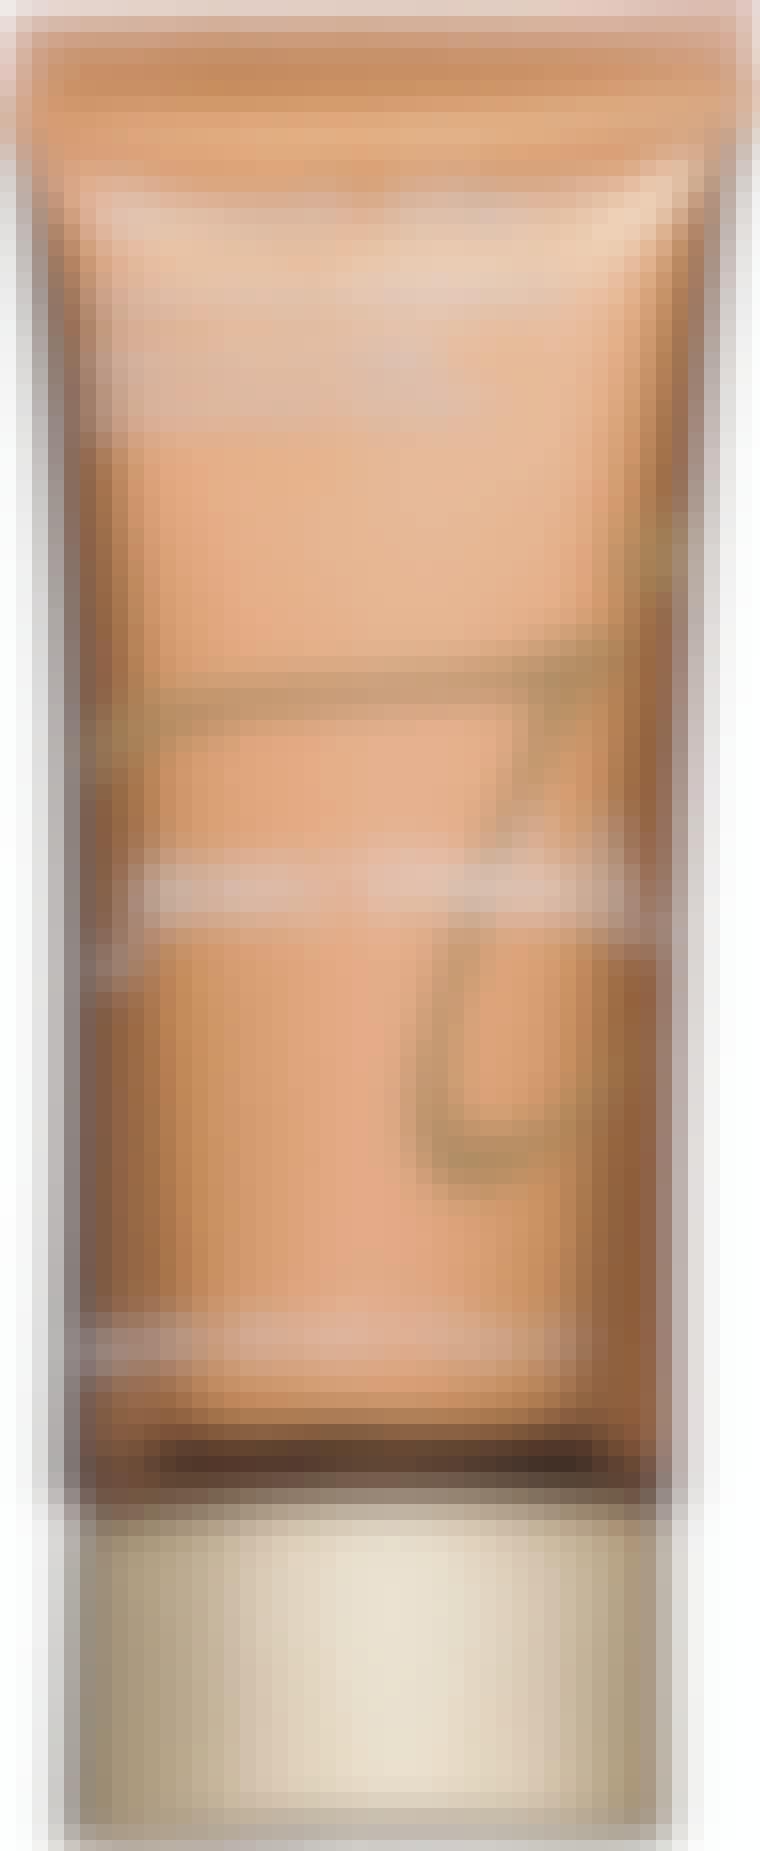 farve der gør huden mere brun med primer